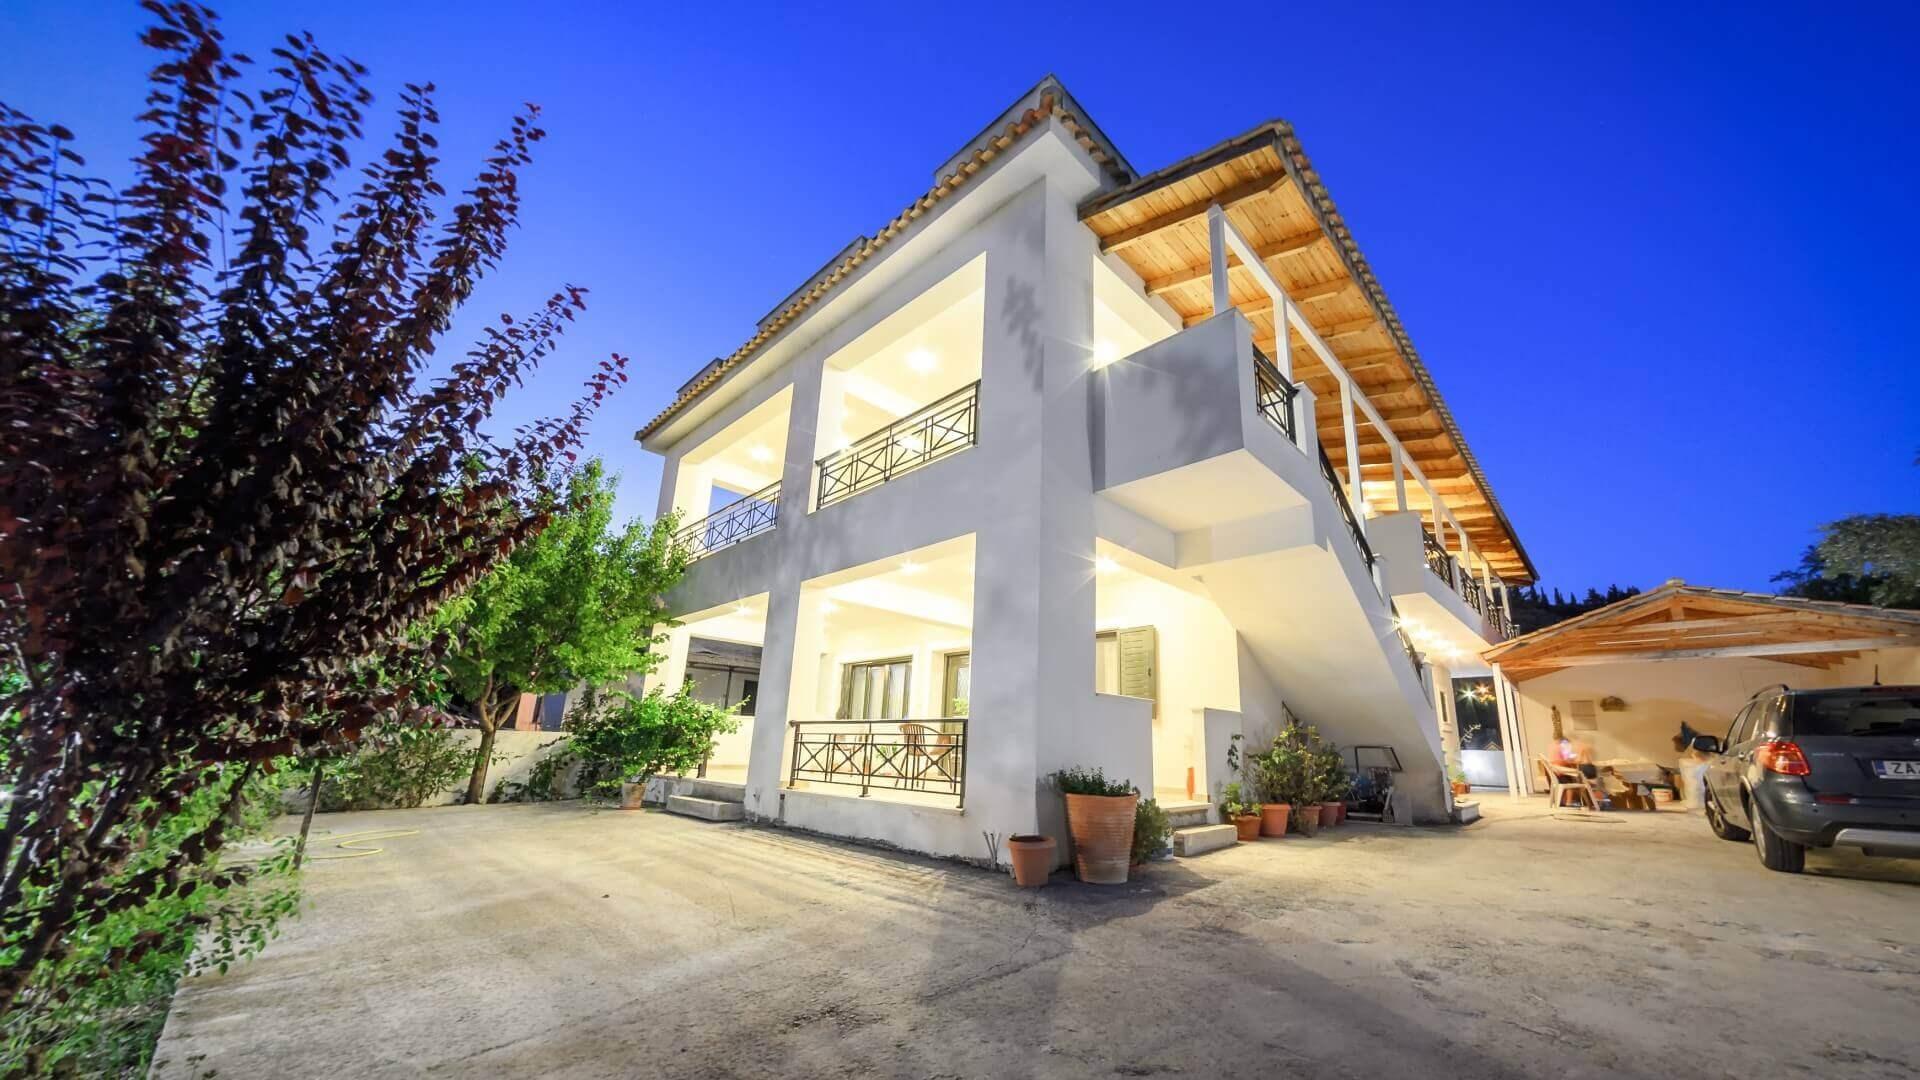 V & H House Zante Zakynthos Greece